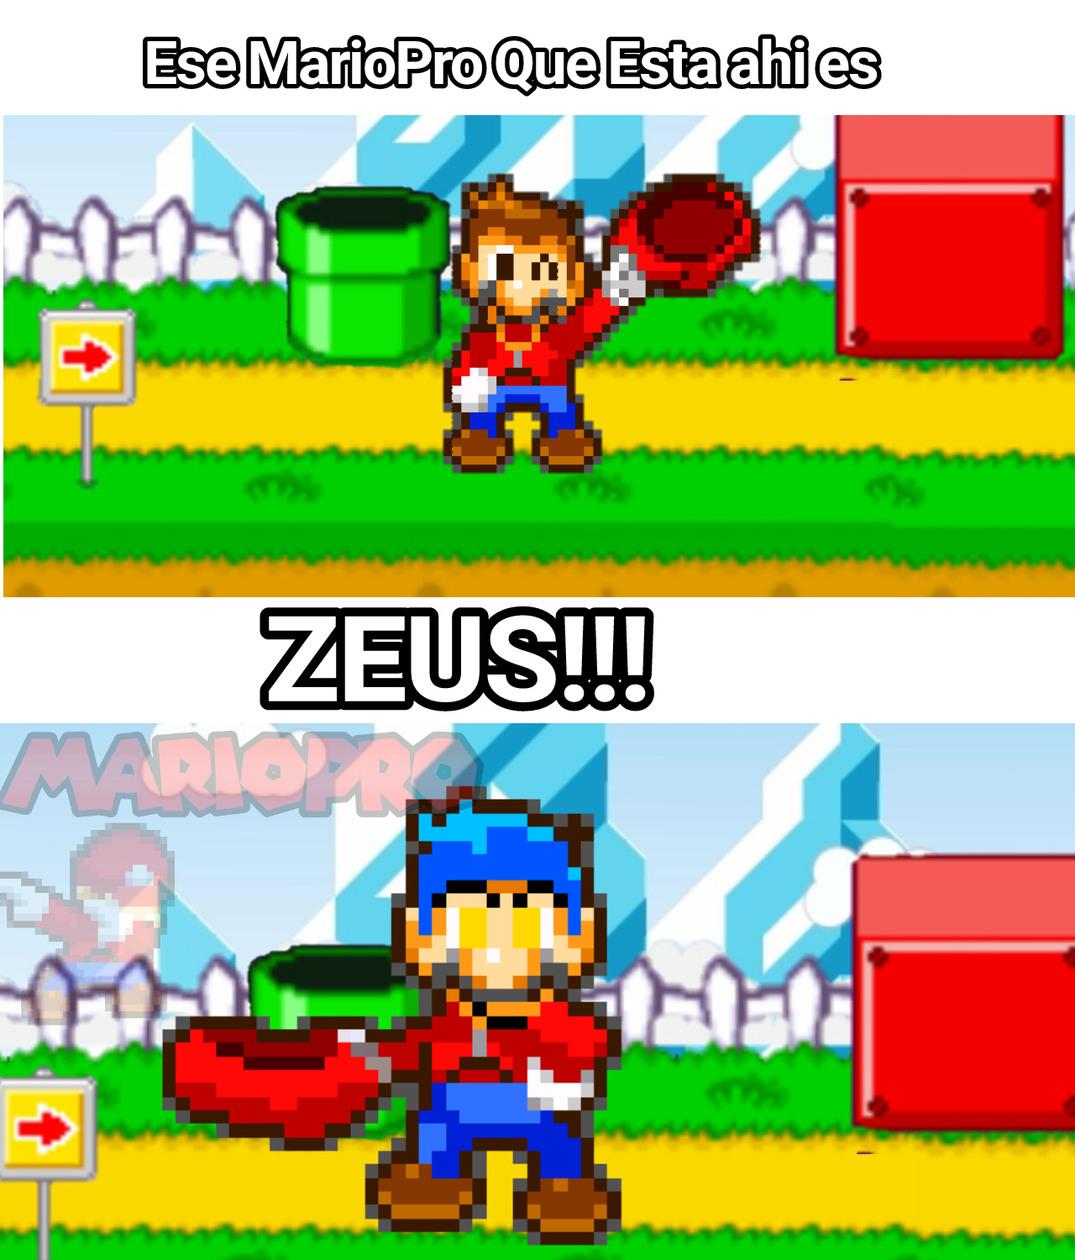 Zeus Con Gorrita y sueter c: - meme